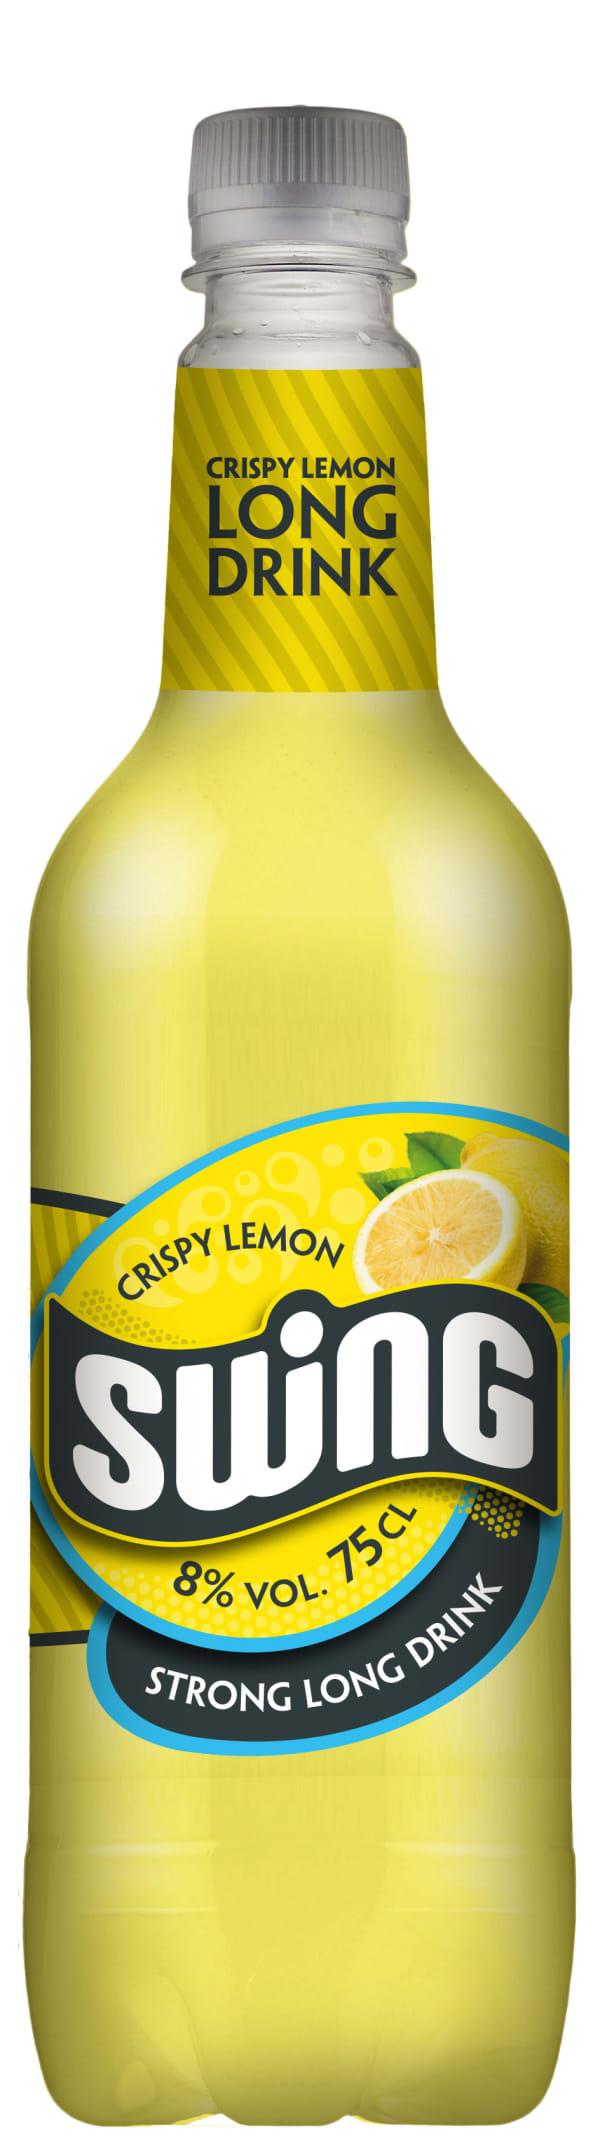 Swing Crispy Lemon Strong Long Drink plastic bottle